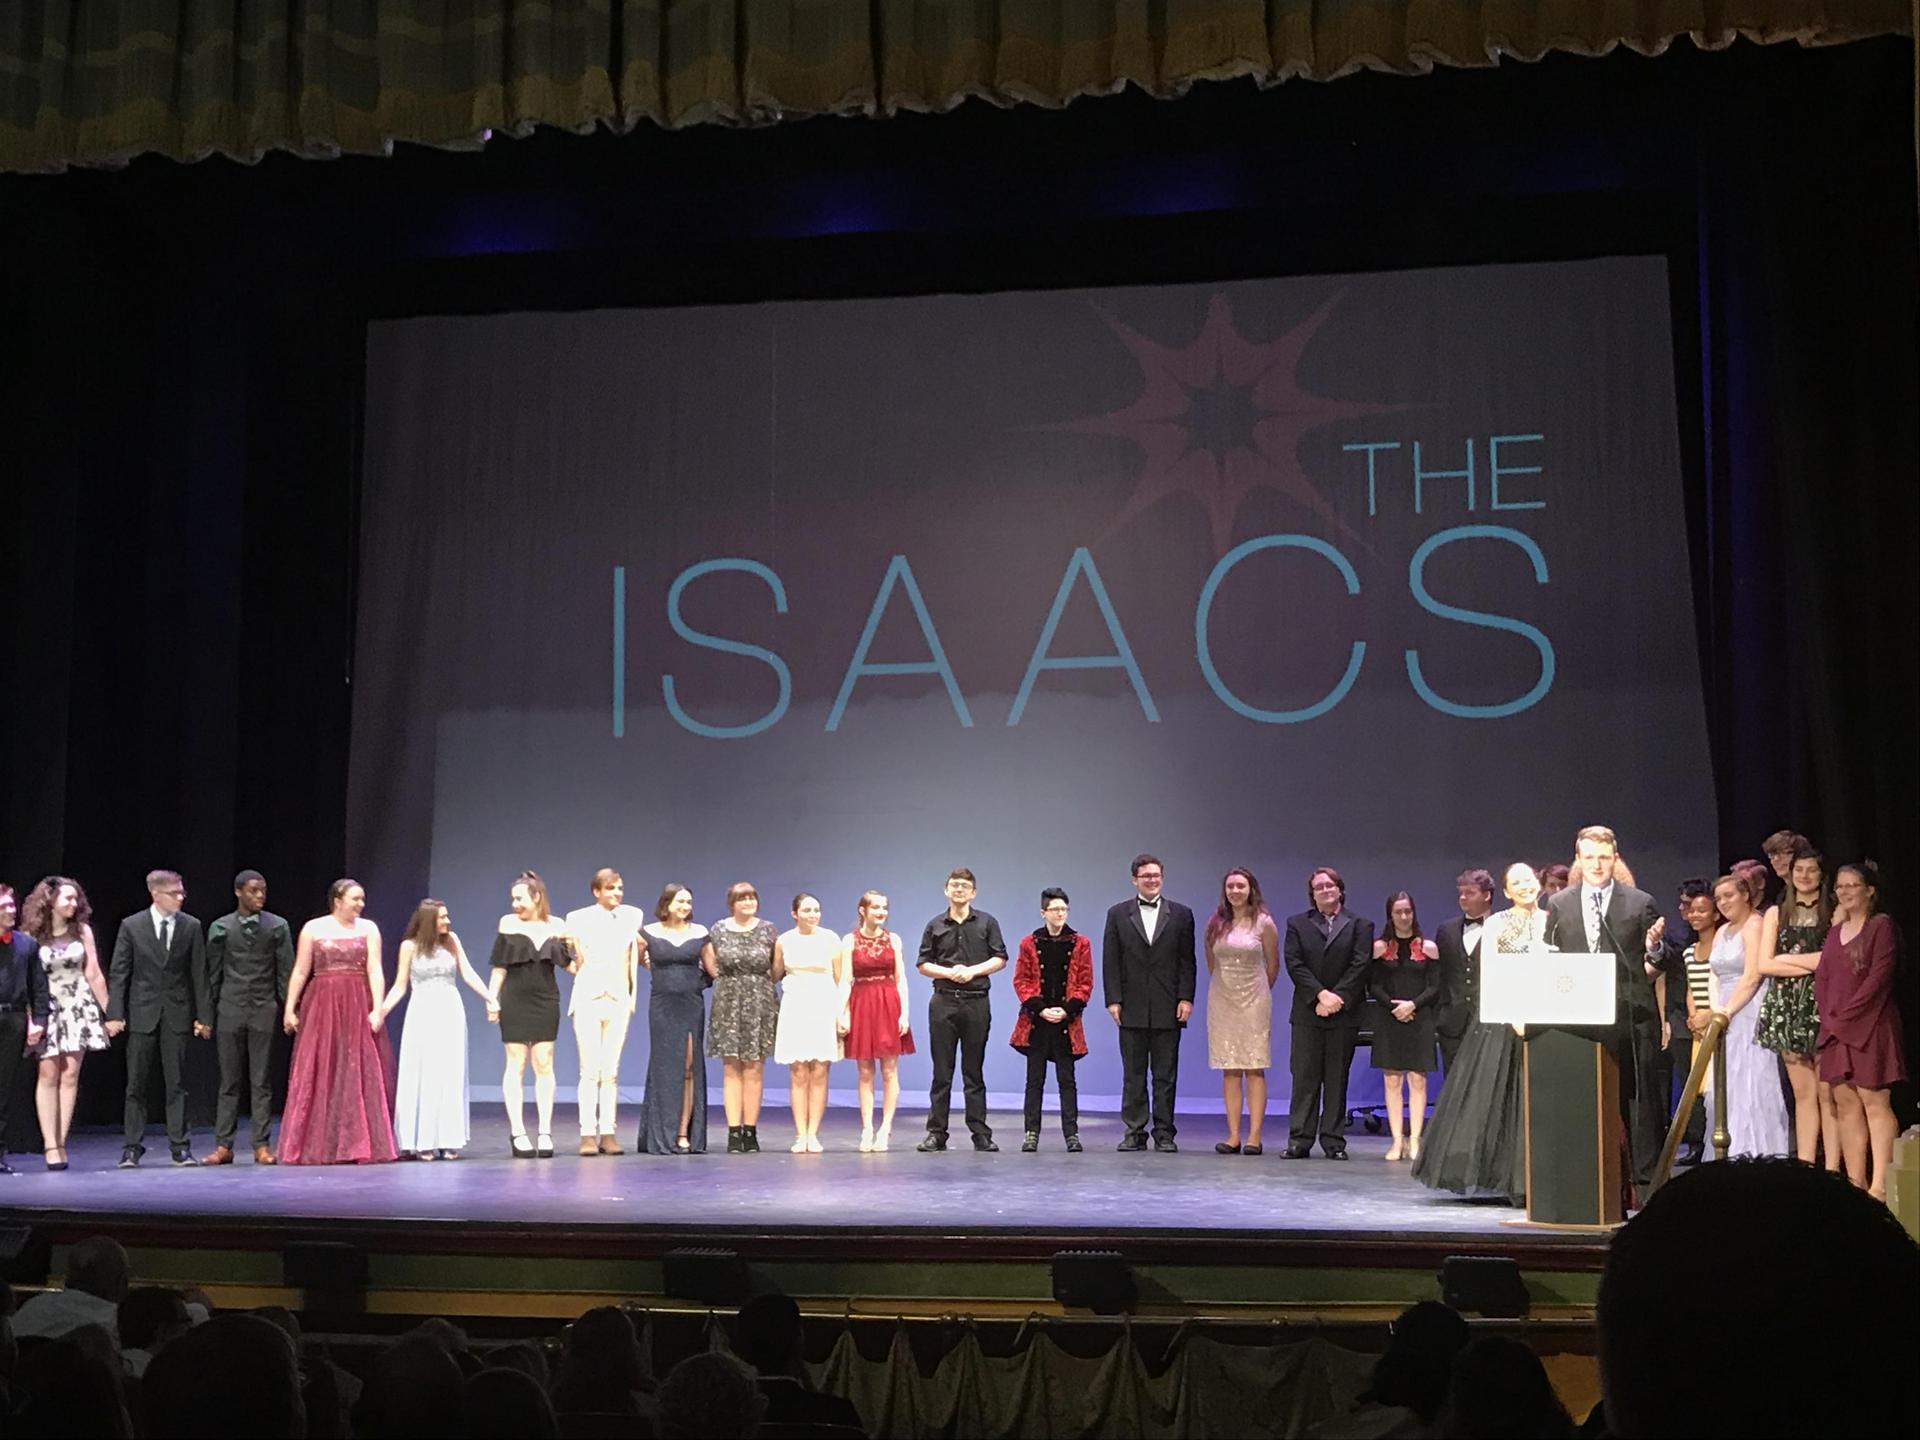 Isaacs 15